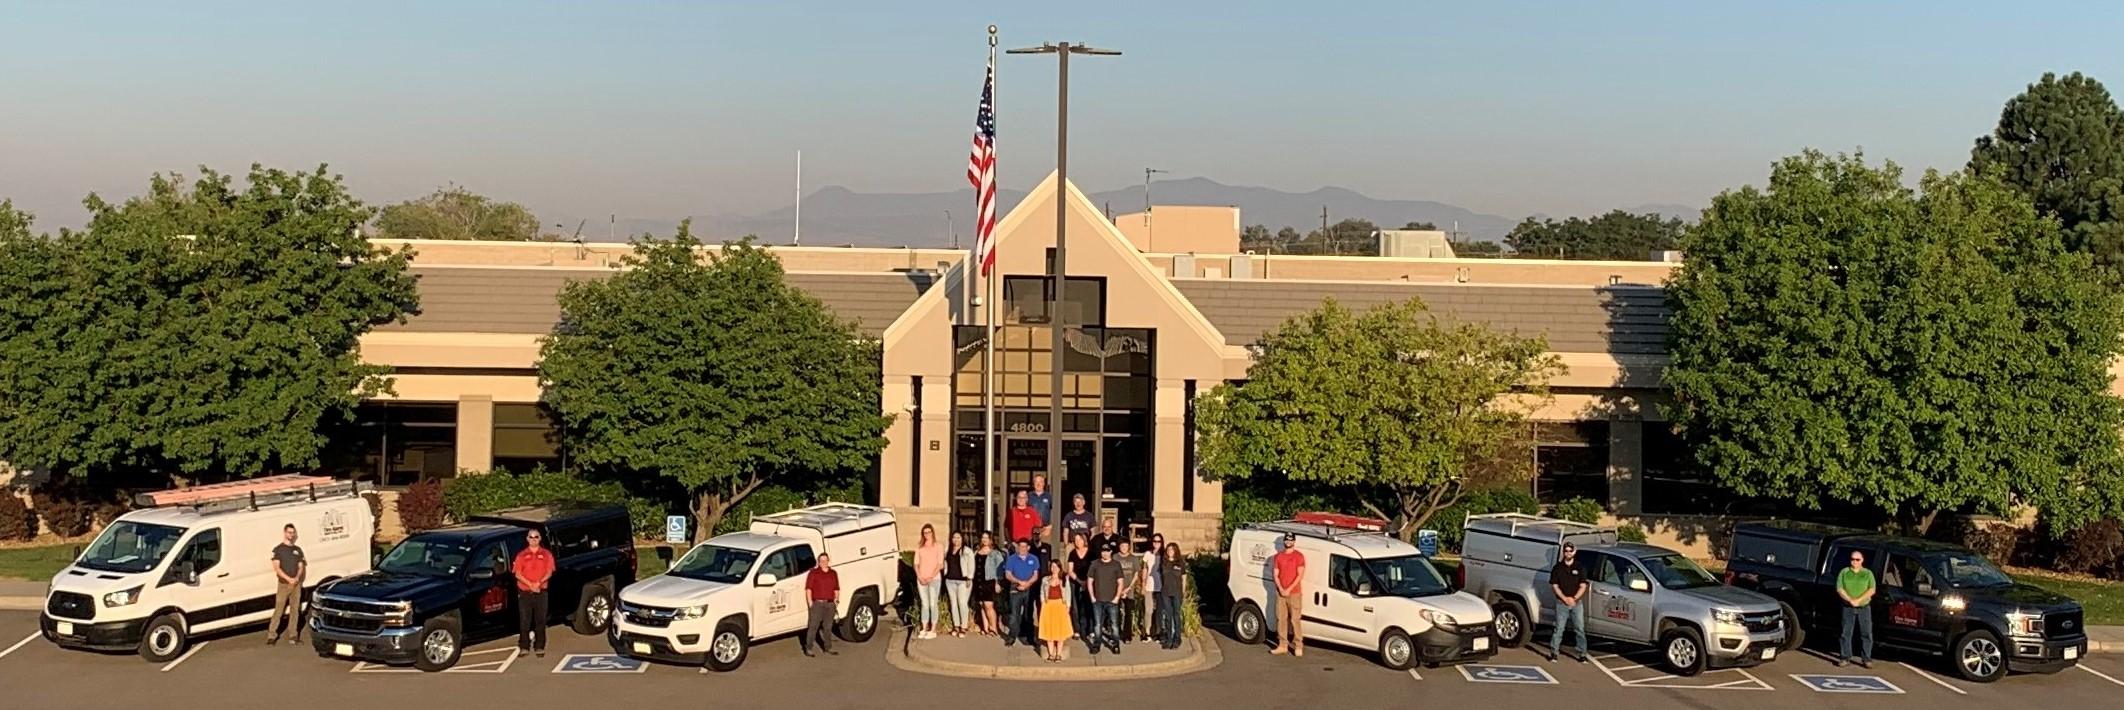 Fire Alarm Services Team - Colorado